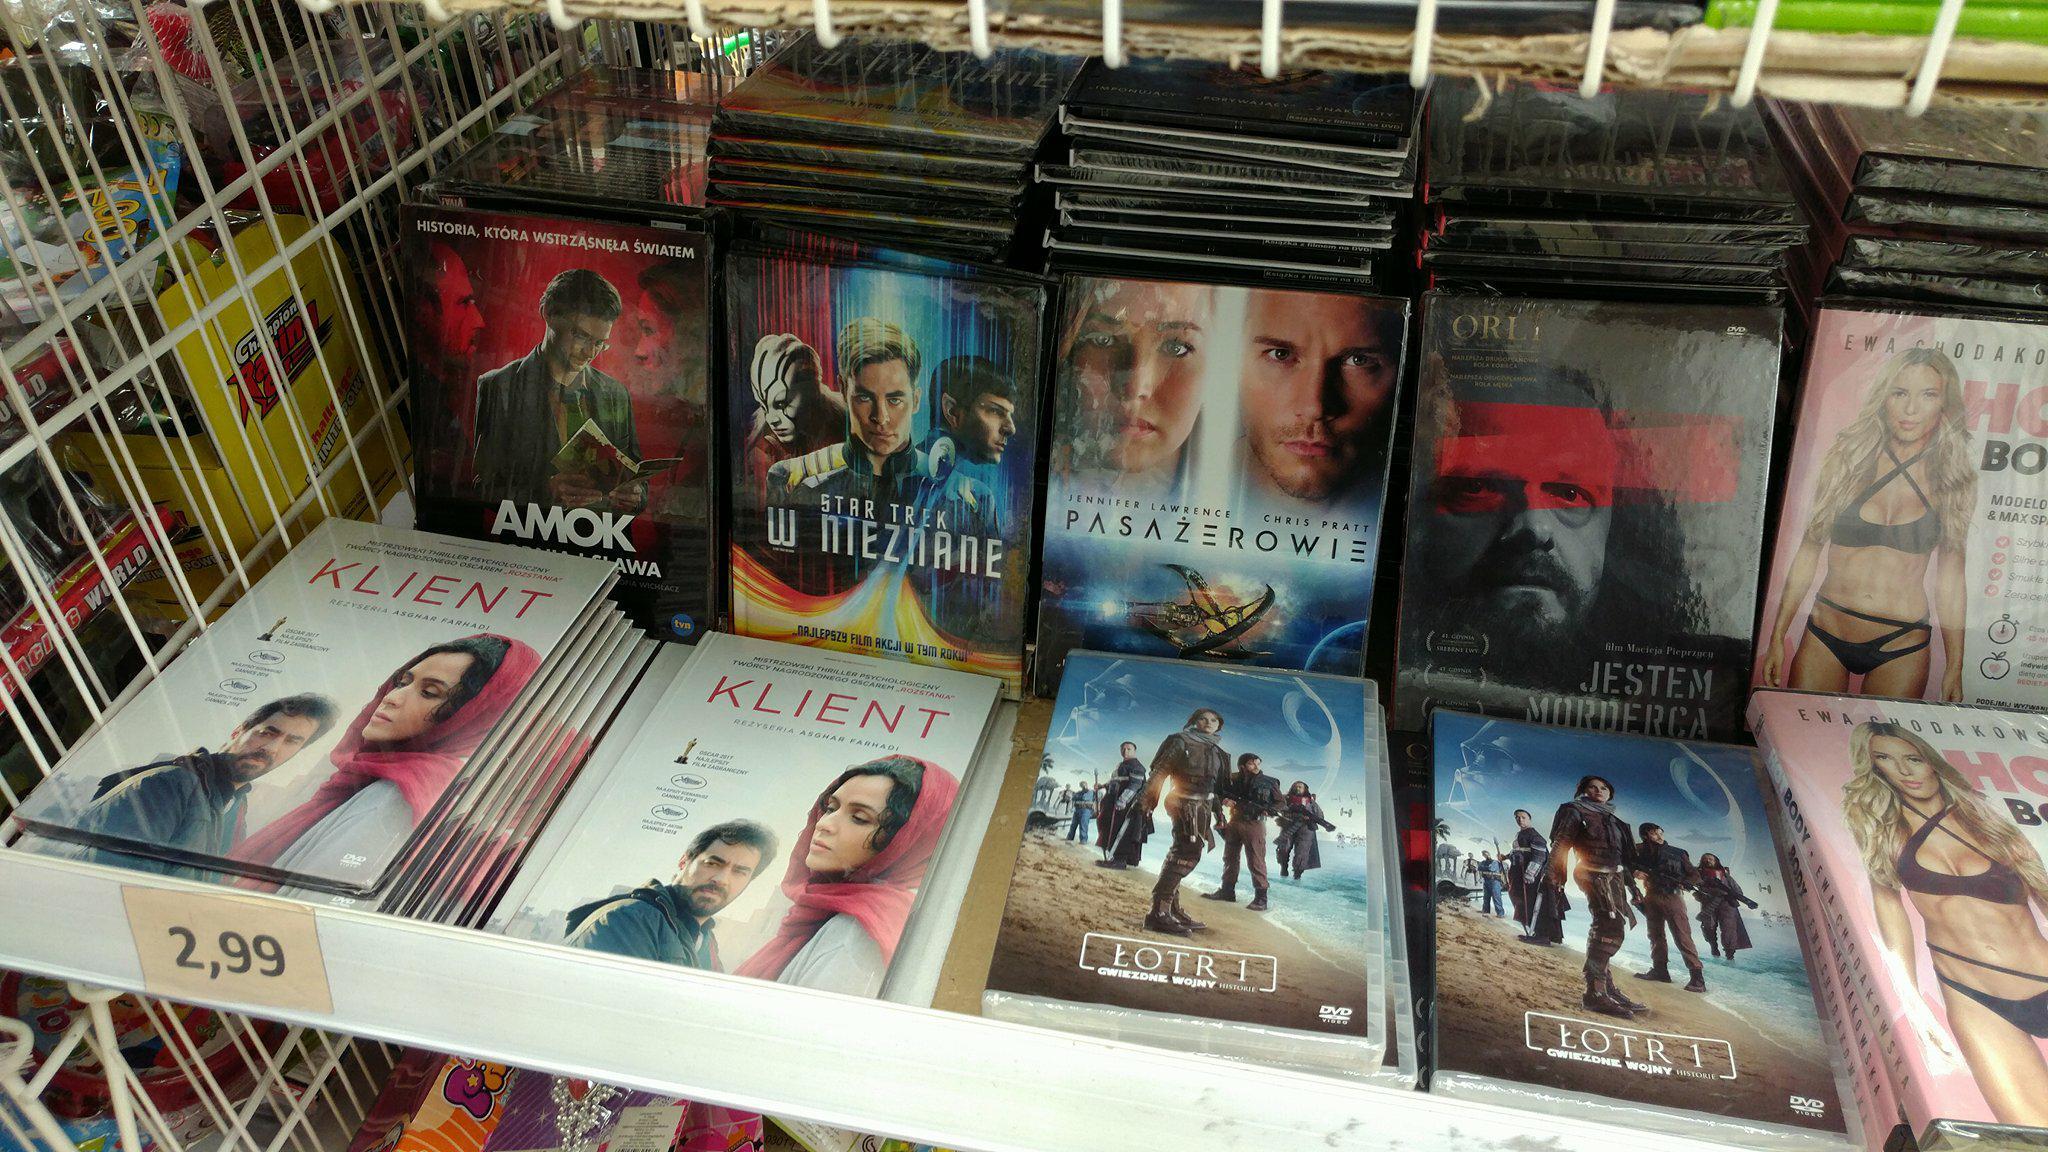 """Filmy DVD za 2.99 (Pasażerowie, ŁOTR Gwiezdne Wojny, Star Trek w Nieznane, Klient, ..) @Wrocław """"Najtaniej w Mieście"""", Oławska 9"""